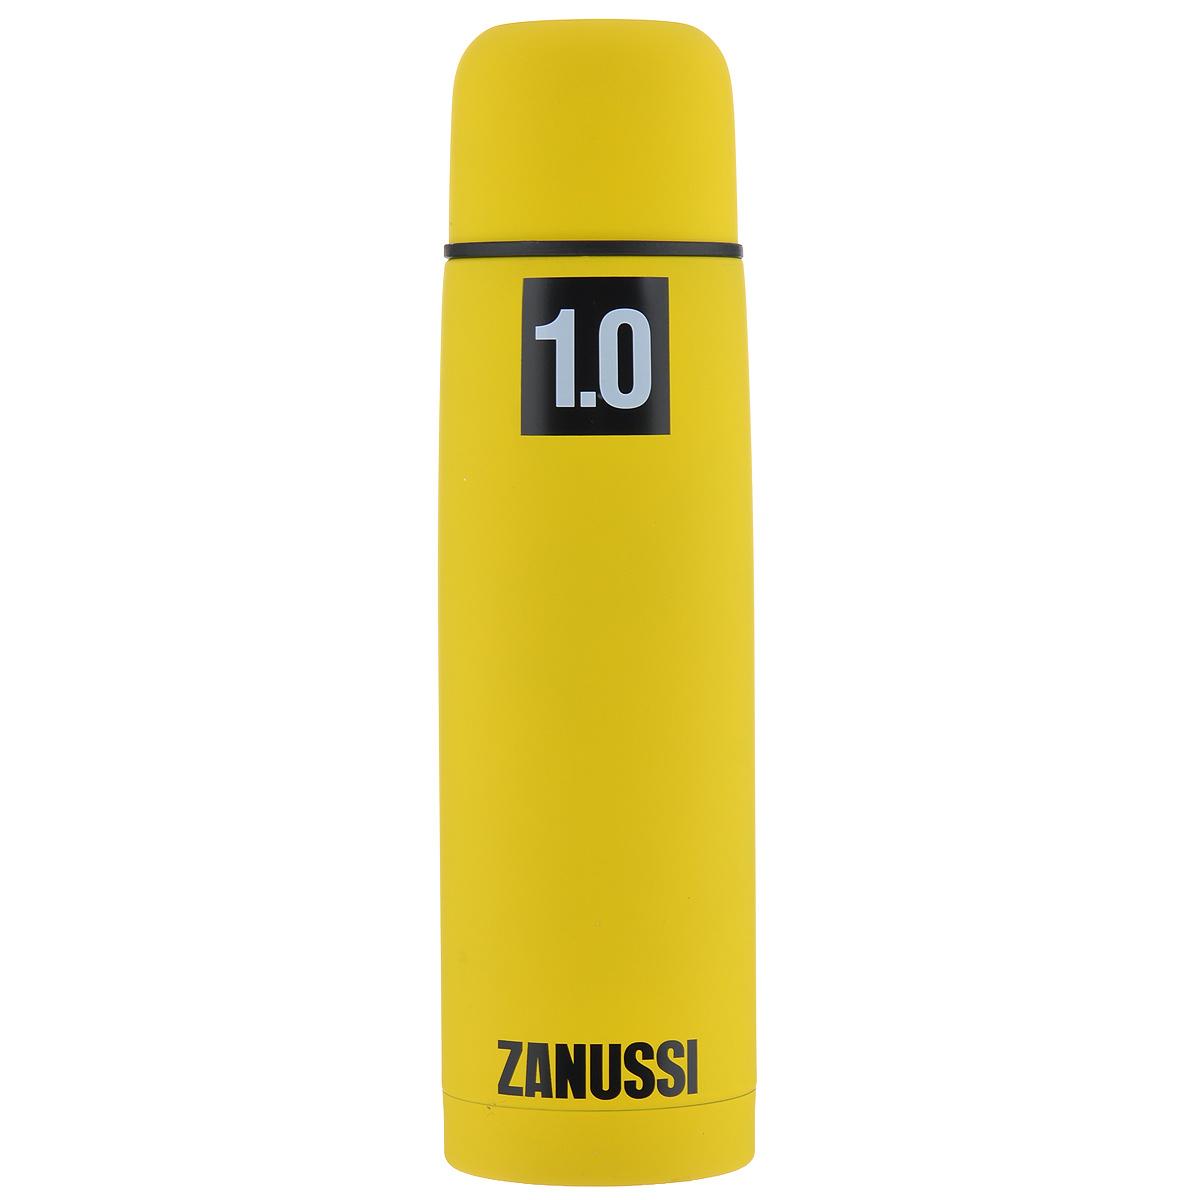 """Фото Термос """"Zanussi"""", цвет: желтый, 1 л. Покупайте с доставкой по России"""